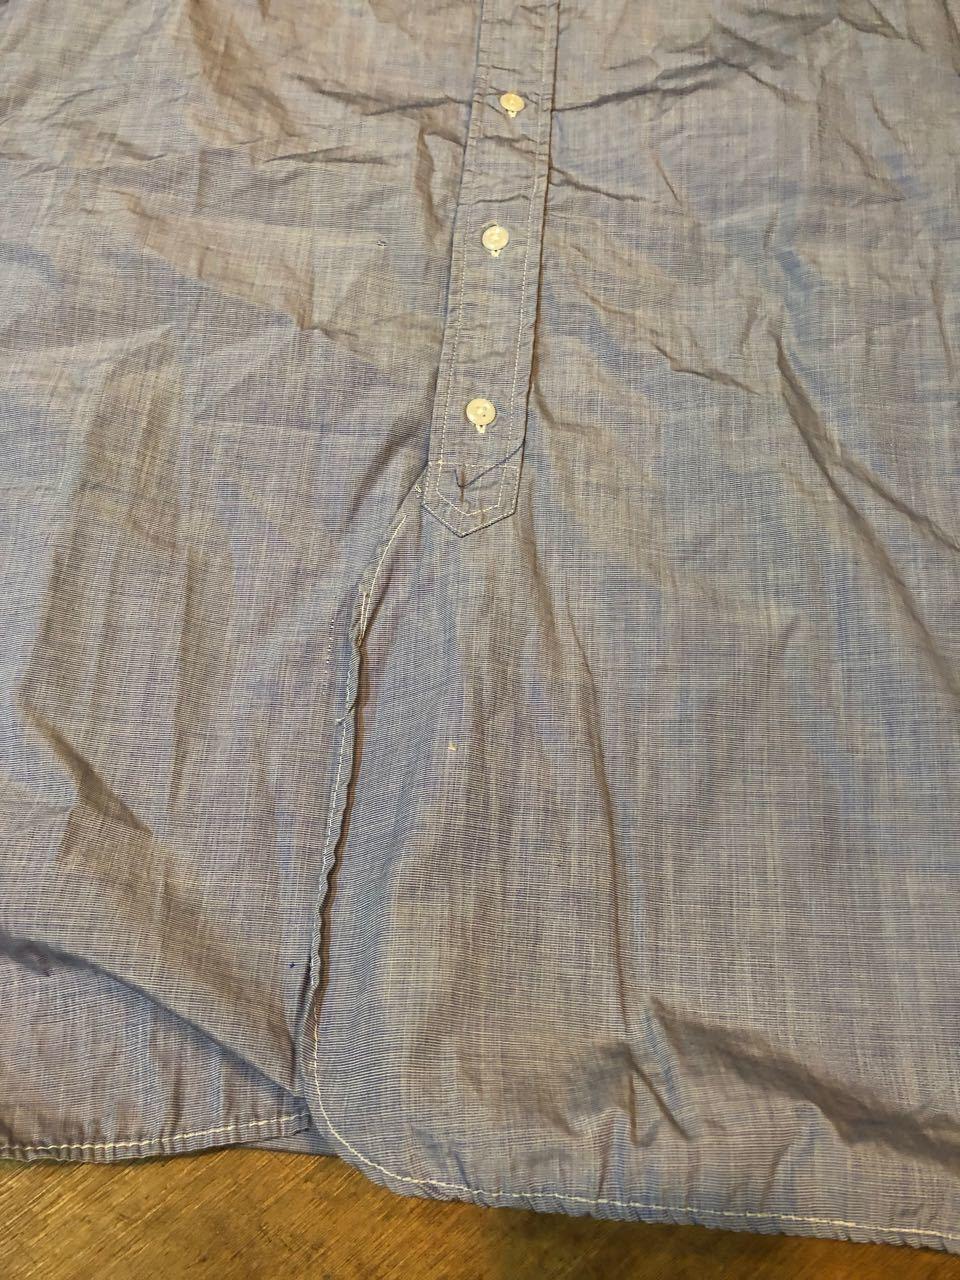 4月7日(日)入荷!60s  British Army Officer Shirts マチ付き ハケメ all cotton  ユーロビンテージシャツ! _c0144020_13234223.jpg